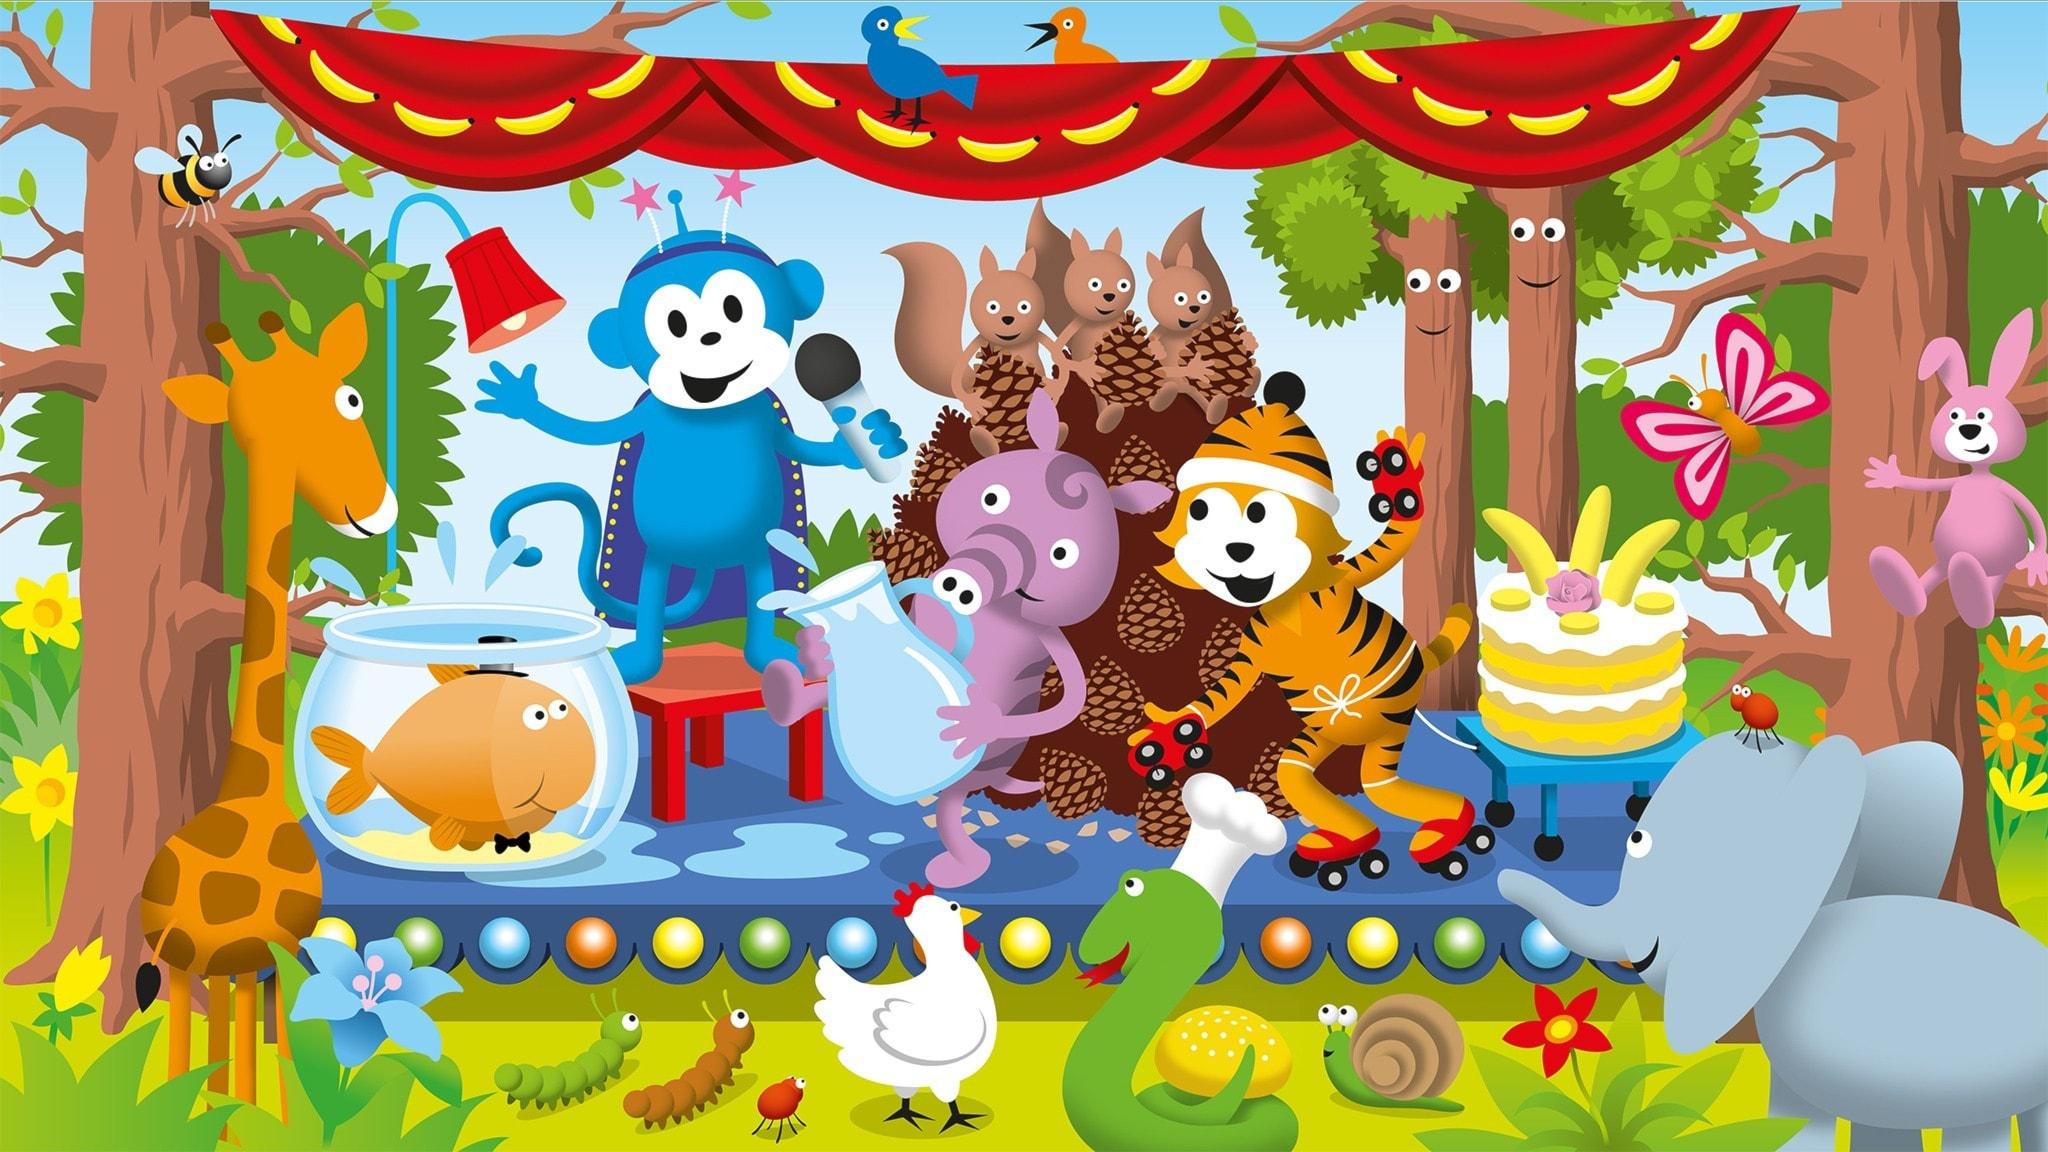 Radioapan står på en scen och presenterar talangshowen. Emmot hämtar vatten till Bubbels skål, Tassa har rullskridskor på sig, och ekorrungarna sitter på en stpr hög med kottar. Bild: Patrik Lindvall